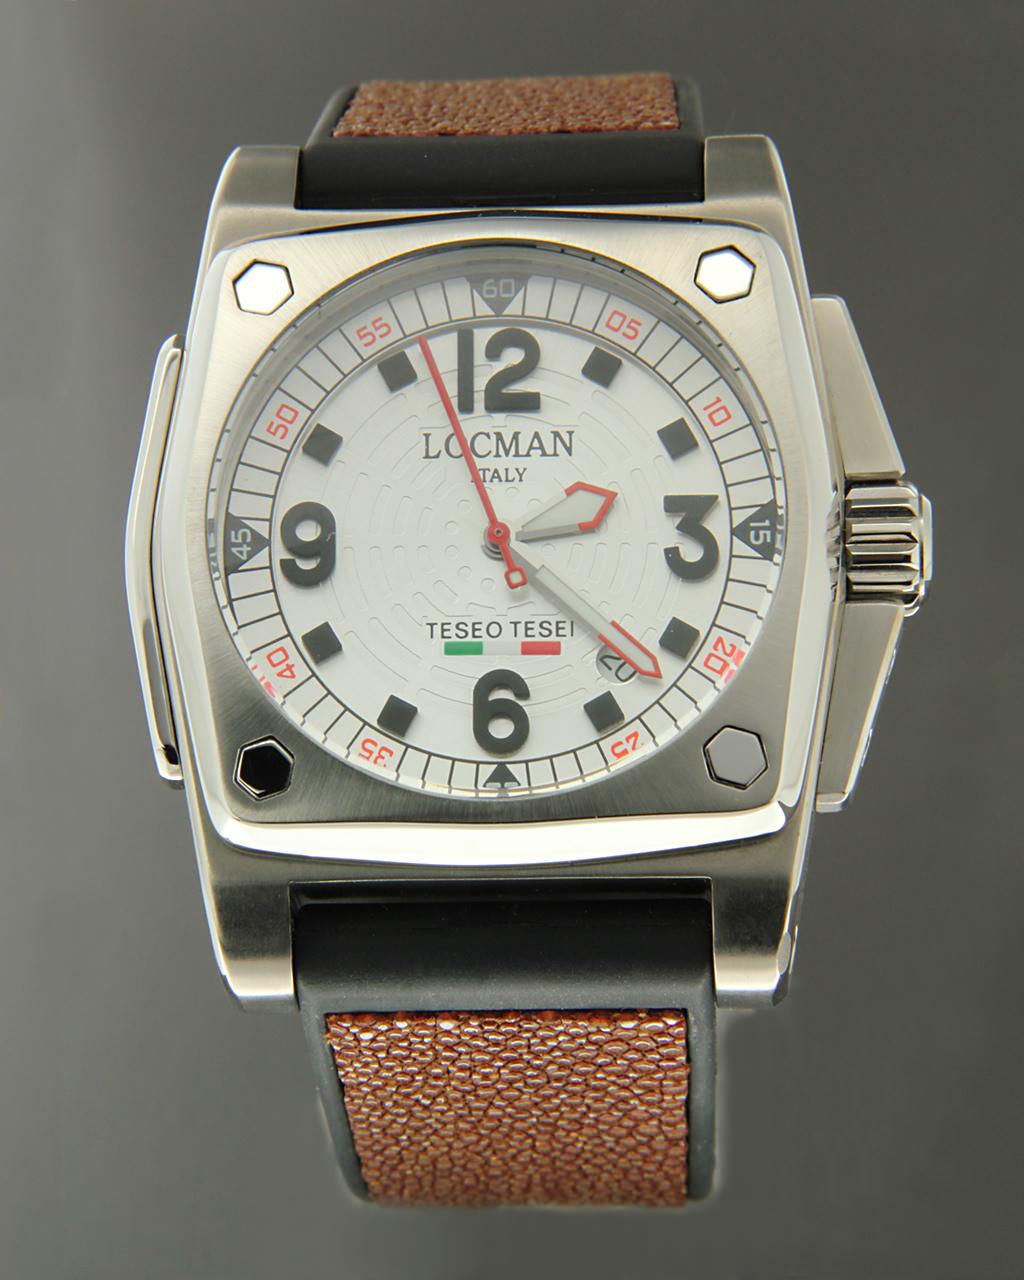 Ρολόι Locman REF.191   προσφορεσ ρολόγια ρολόγια πάνω απο 500ε